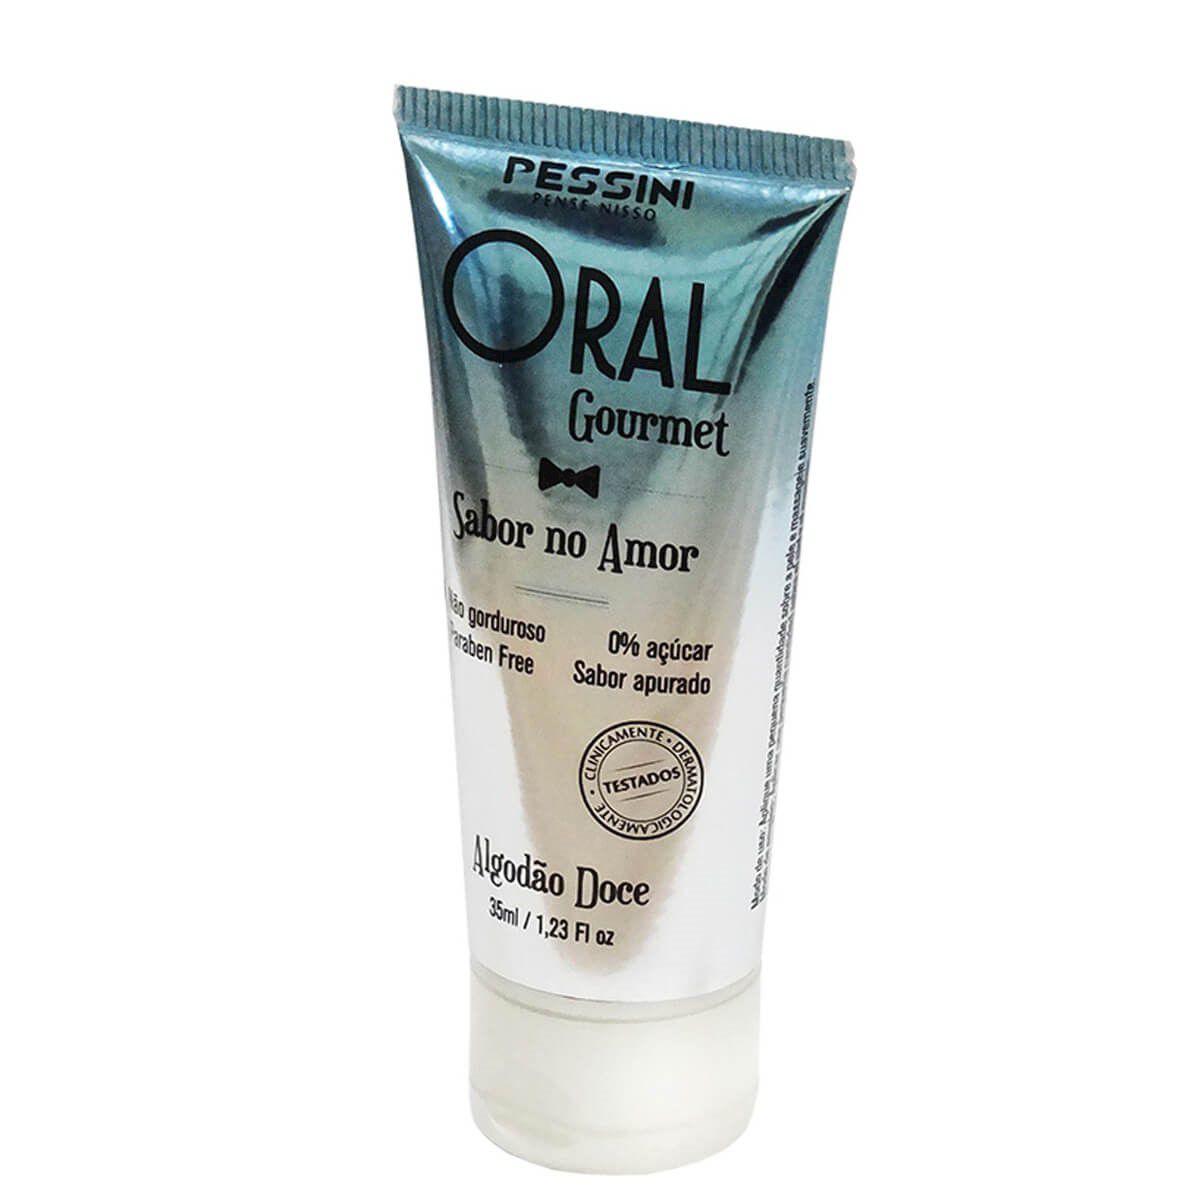 Oral gourmet gel beijável que esquenta de algodão doce 35ml